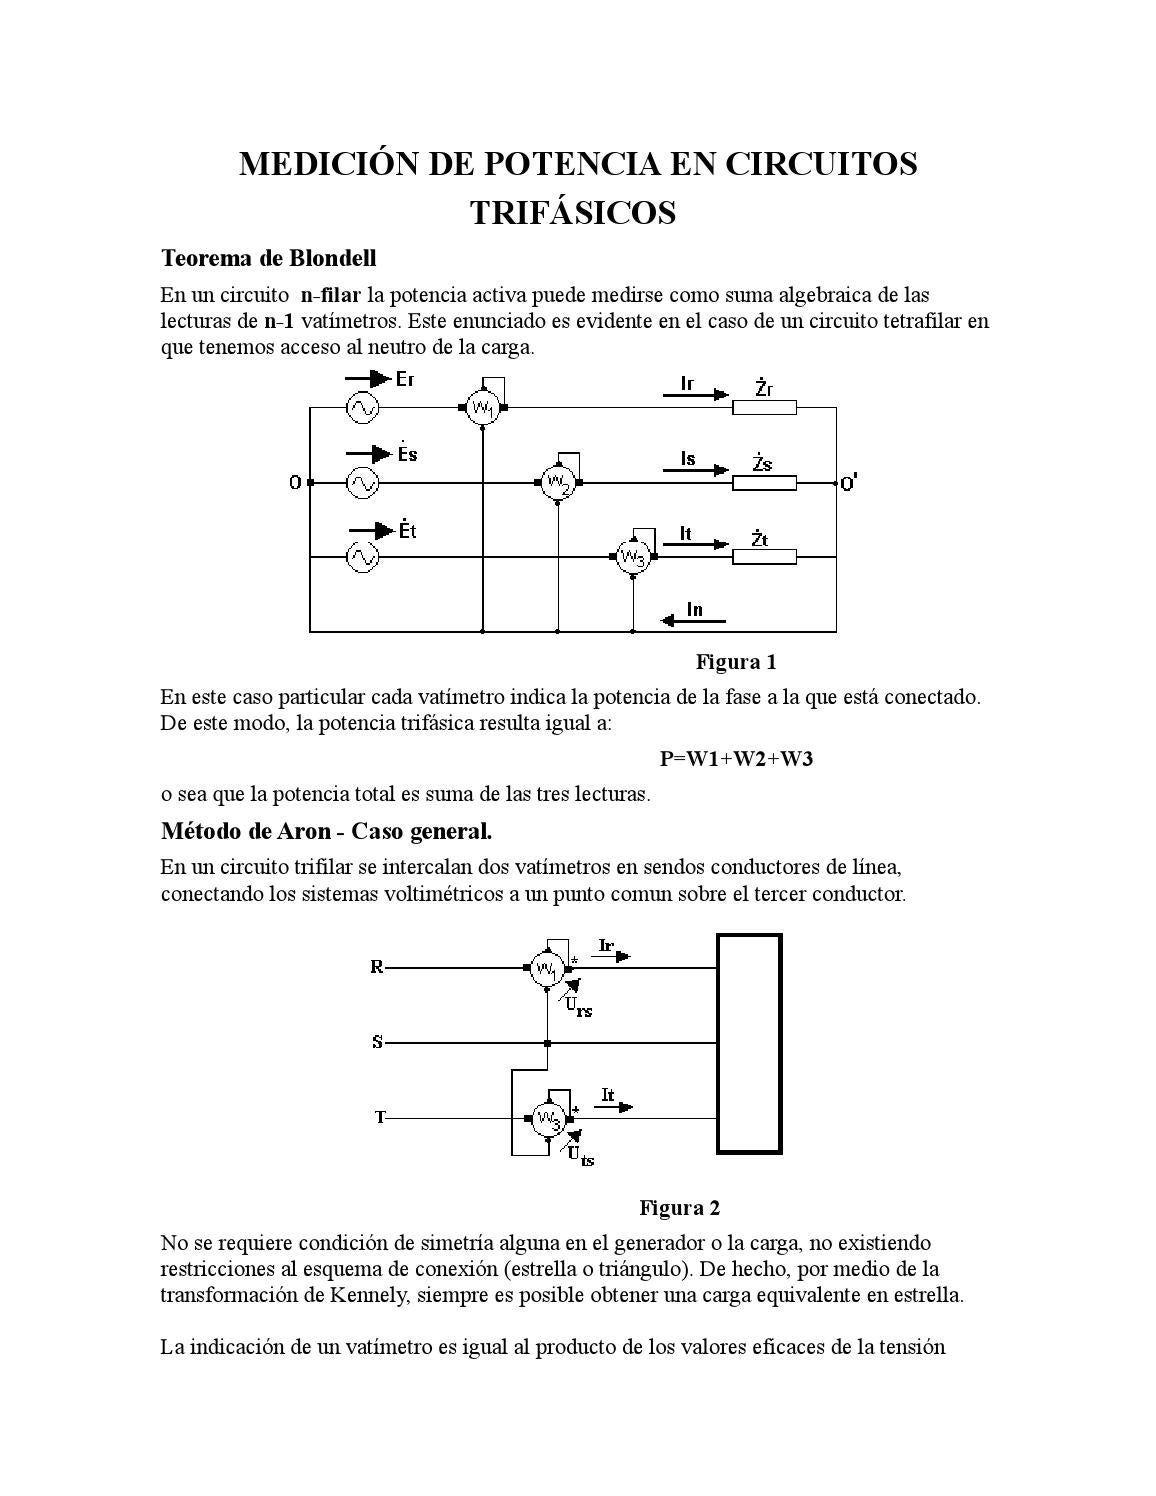 Circuito General : Medición de potencia en circuitos trifásicos doc by jose rodriguez